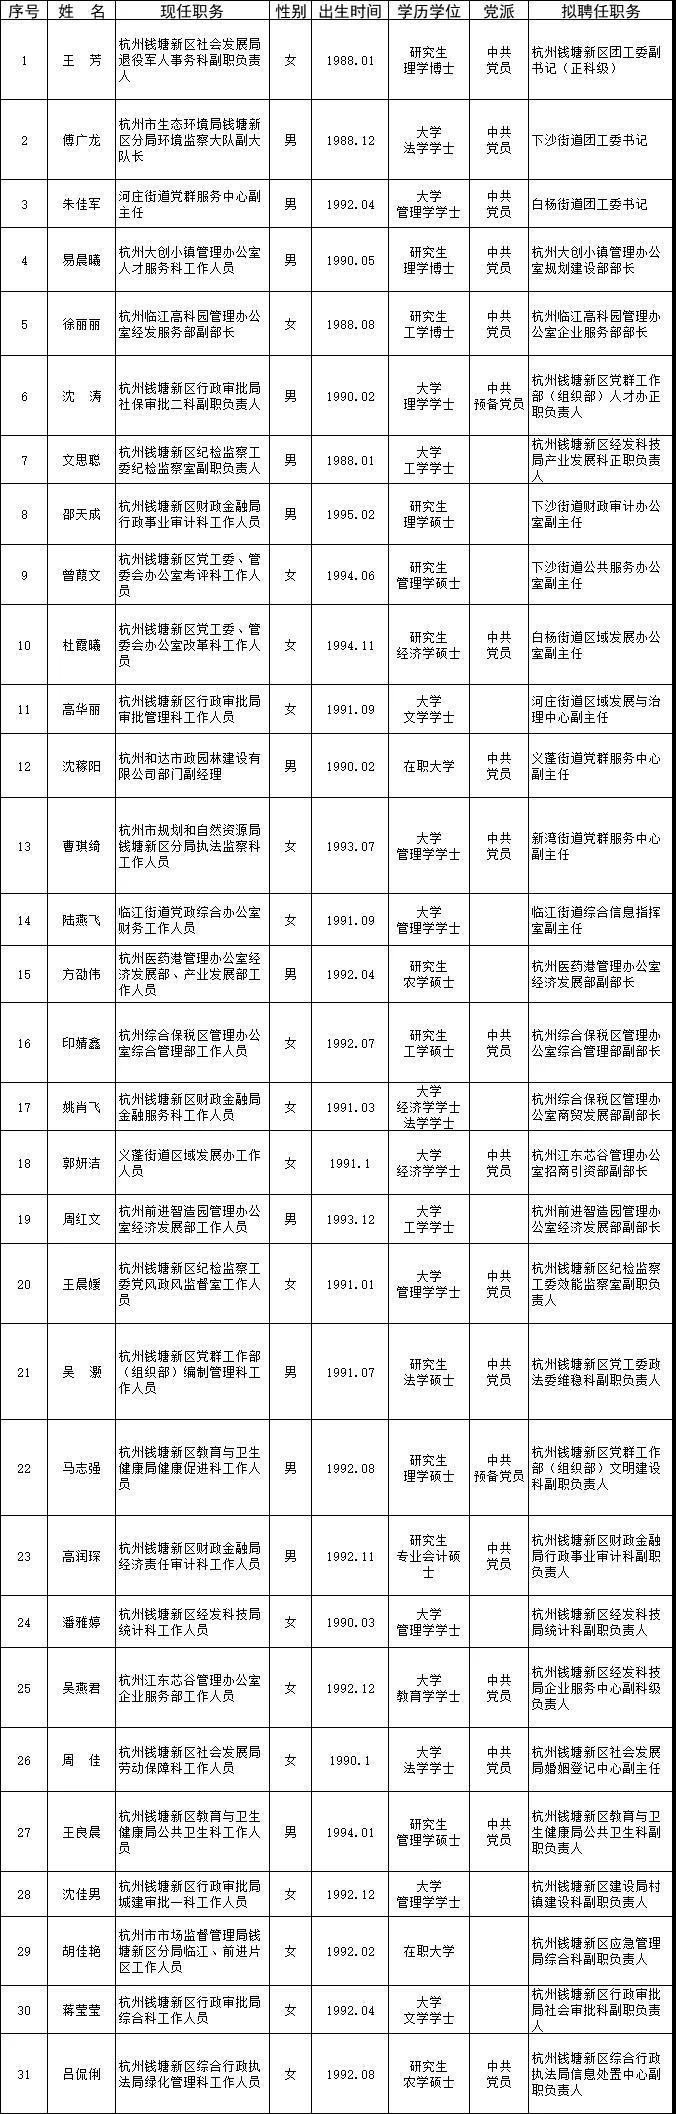 权威|杭州钱塘新区领导干部任前公示通告